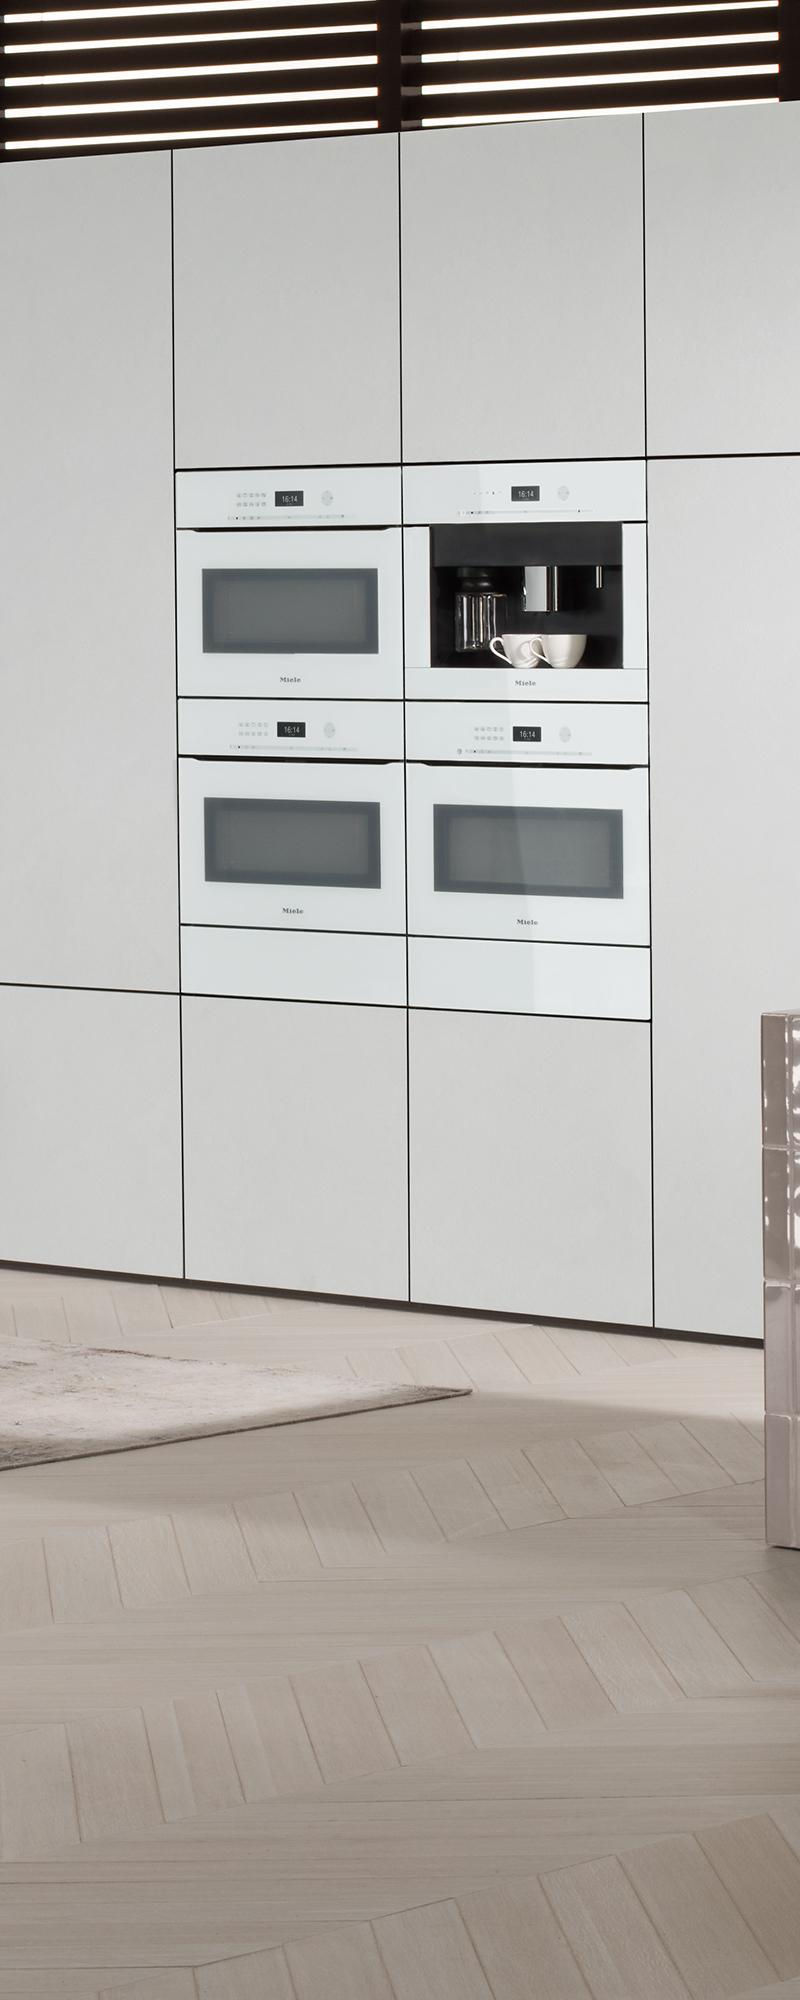 Berühmt Kücheninseln Mit Waschbecken Zum Verkauf Fotos - Ideen Für ...